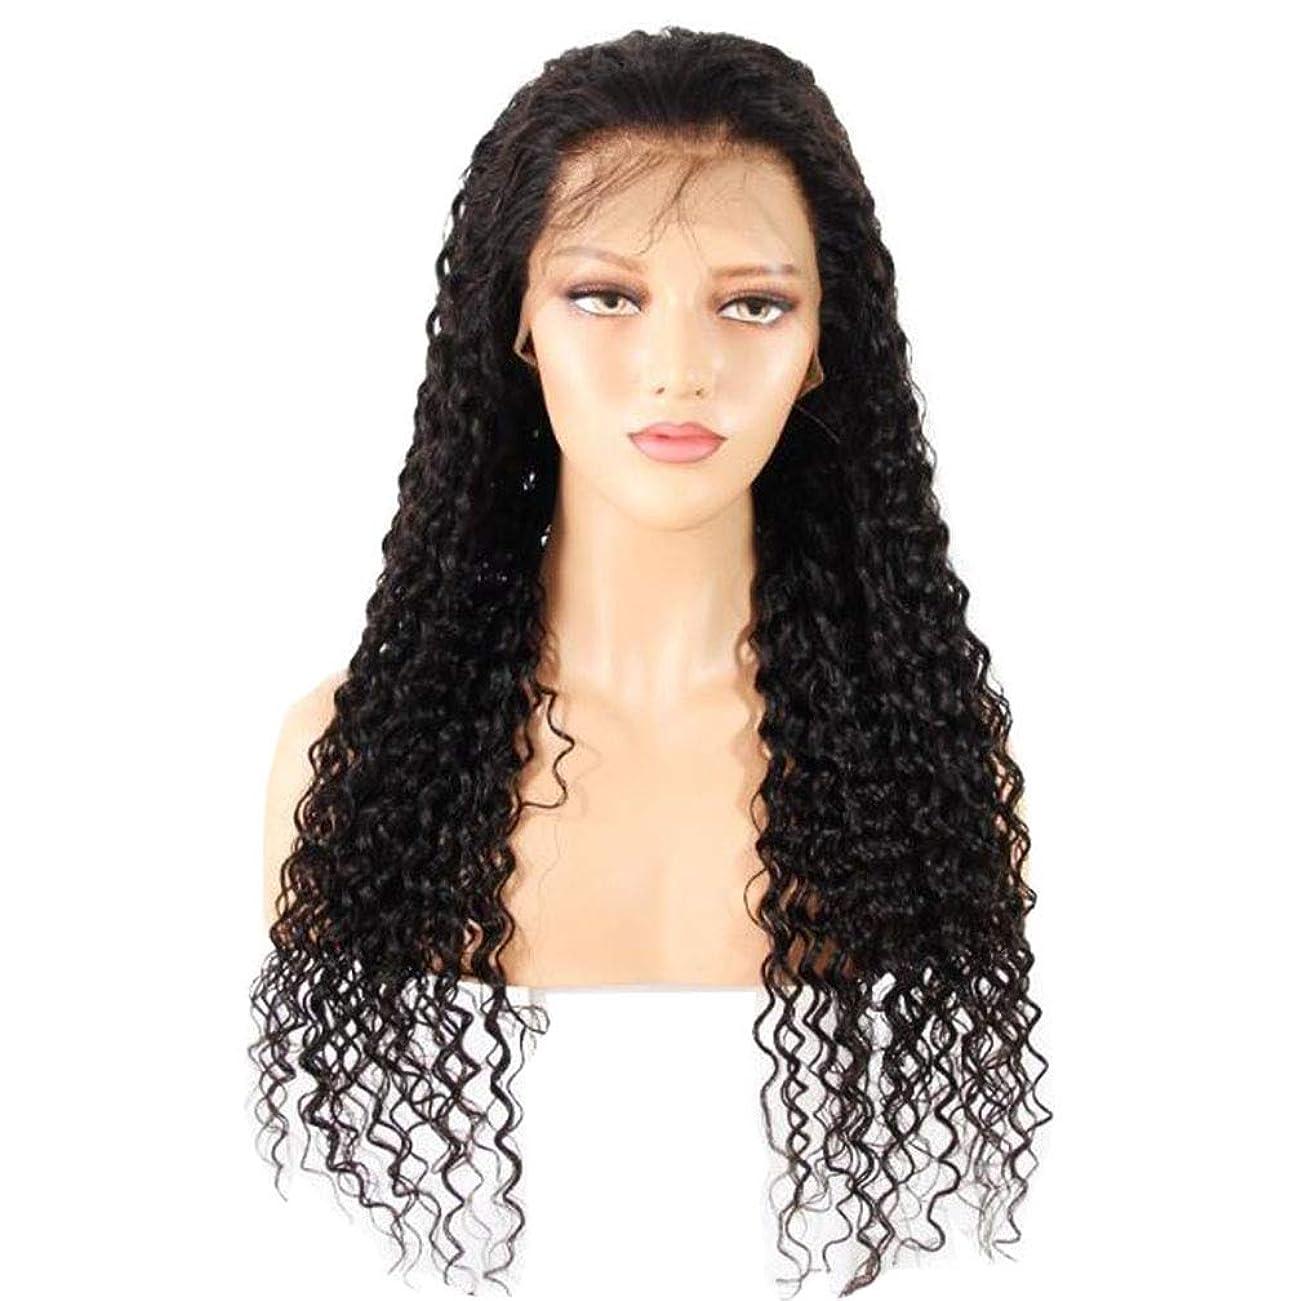 破滅的な海嶺意図レースフロントかつら本物の人間の毛髪の深い波 130% 密度の自然なヘアラインの髪の女性のための赤ちゃんの髪の毛の日常使用前に撥未処理のバージンかつら,12inch